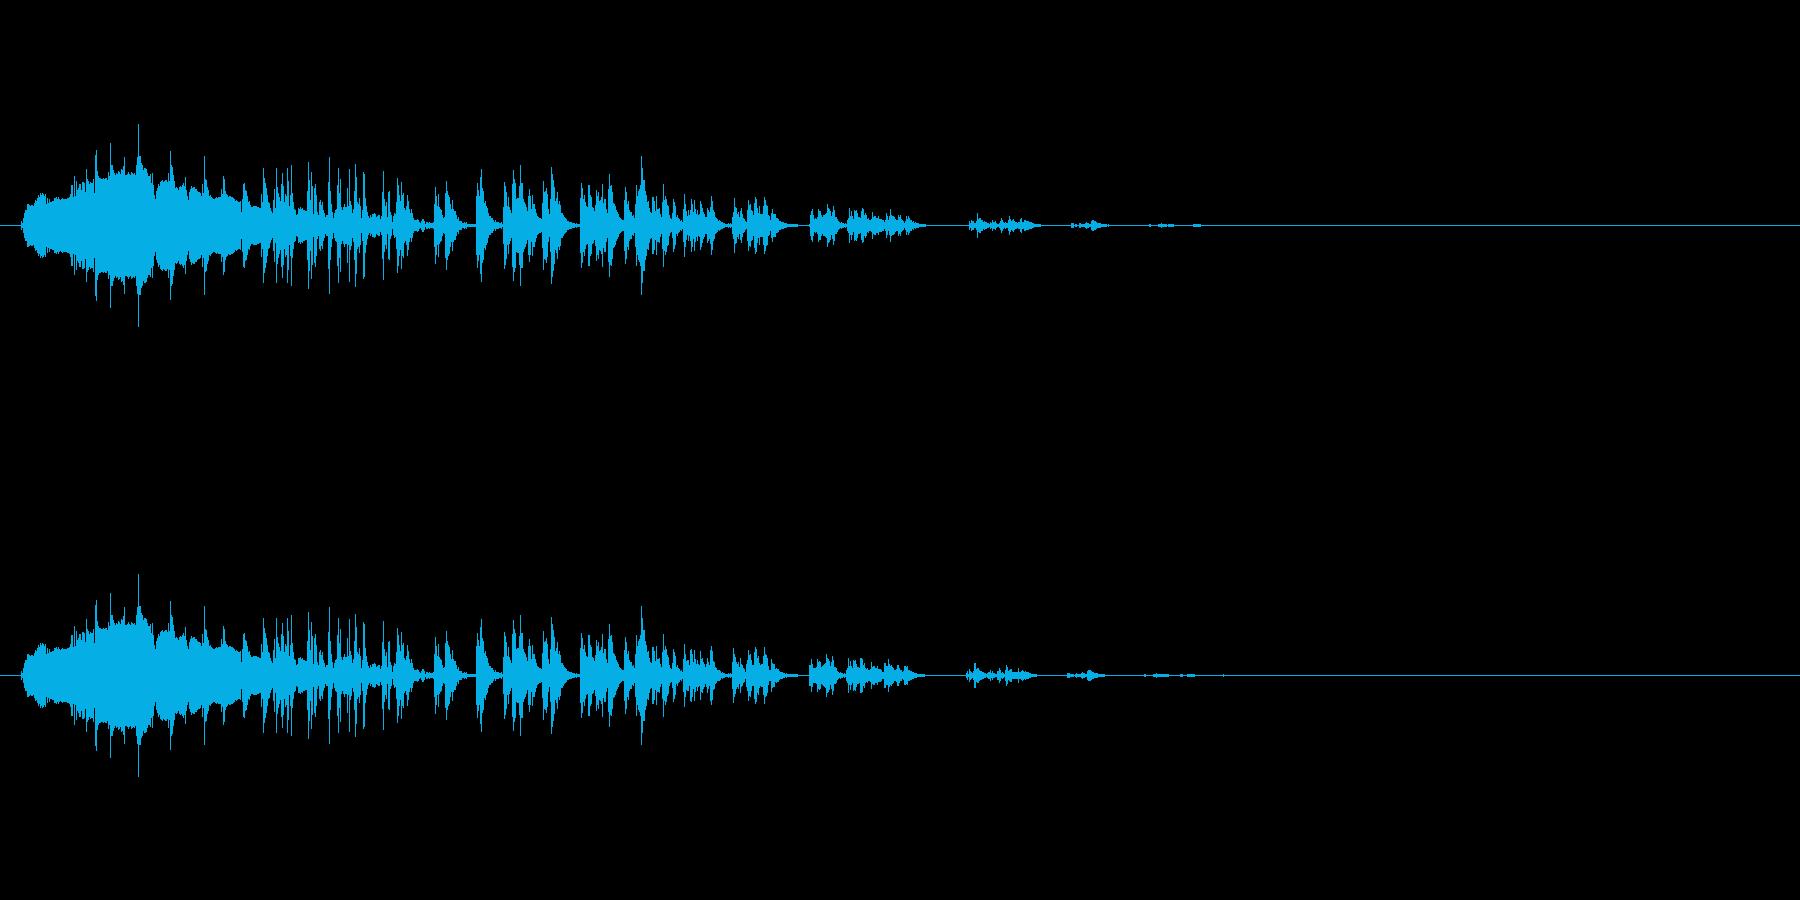 お腹がすく音 (グウゥゥゥゥー)の再生済みの波形